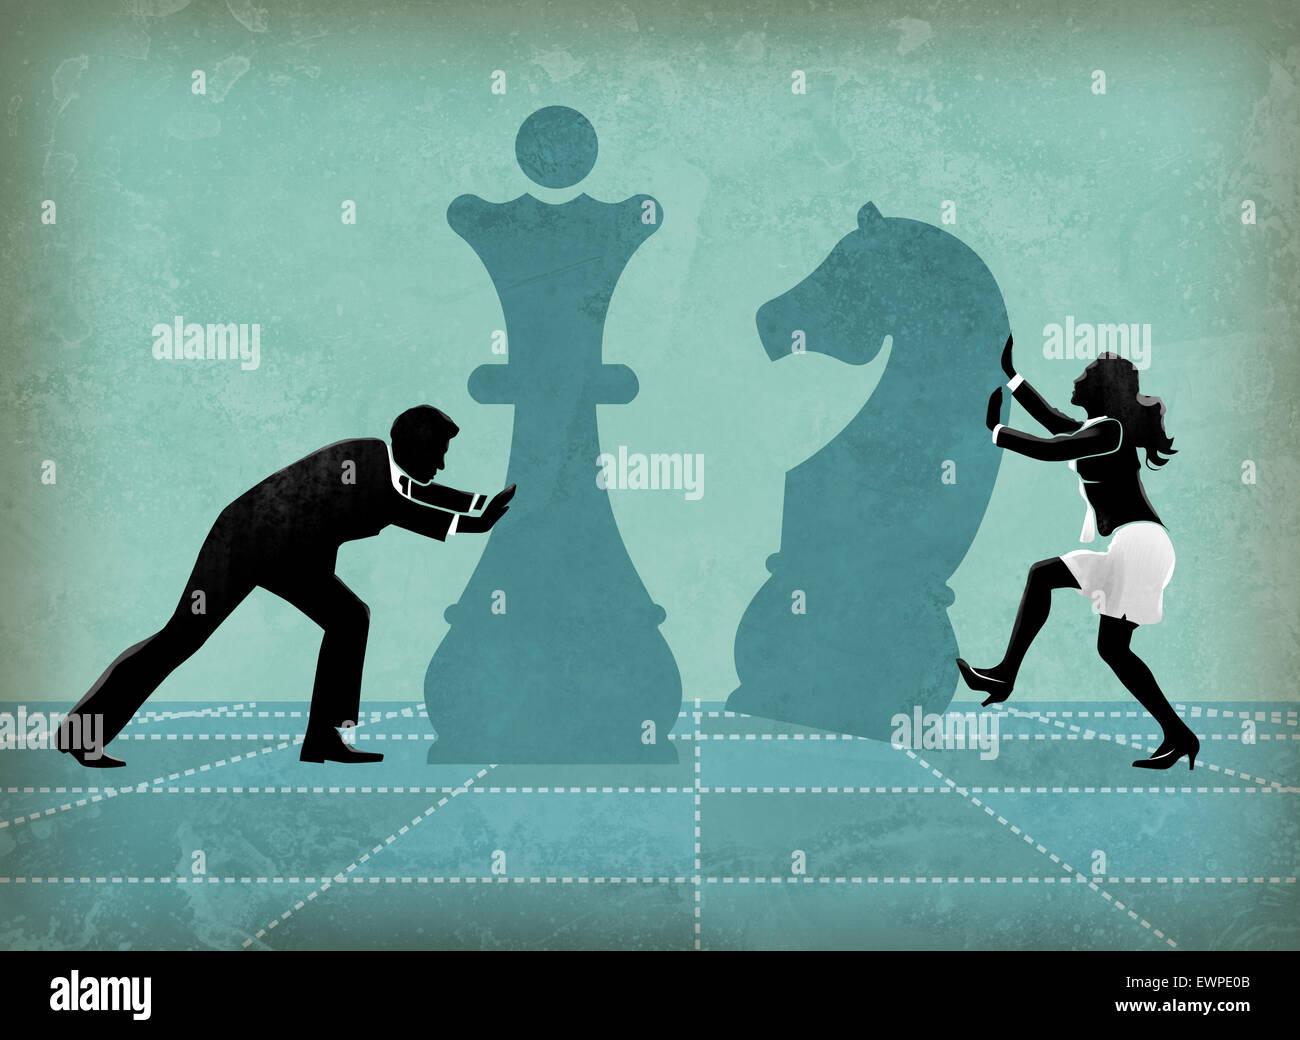 Competidores comerciales jugando ajedrez en busca del éxito Imagen De Stock